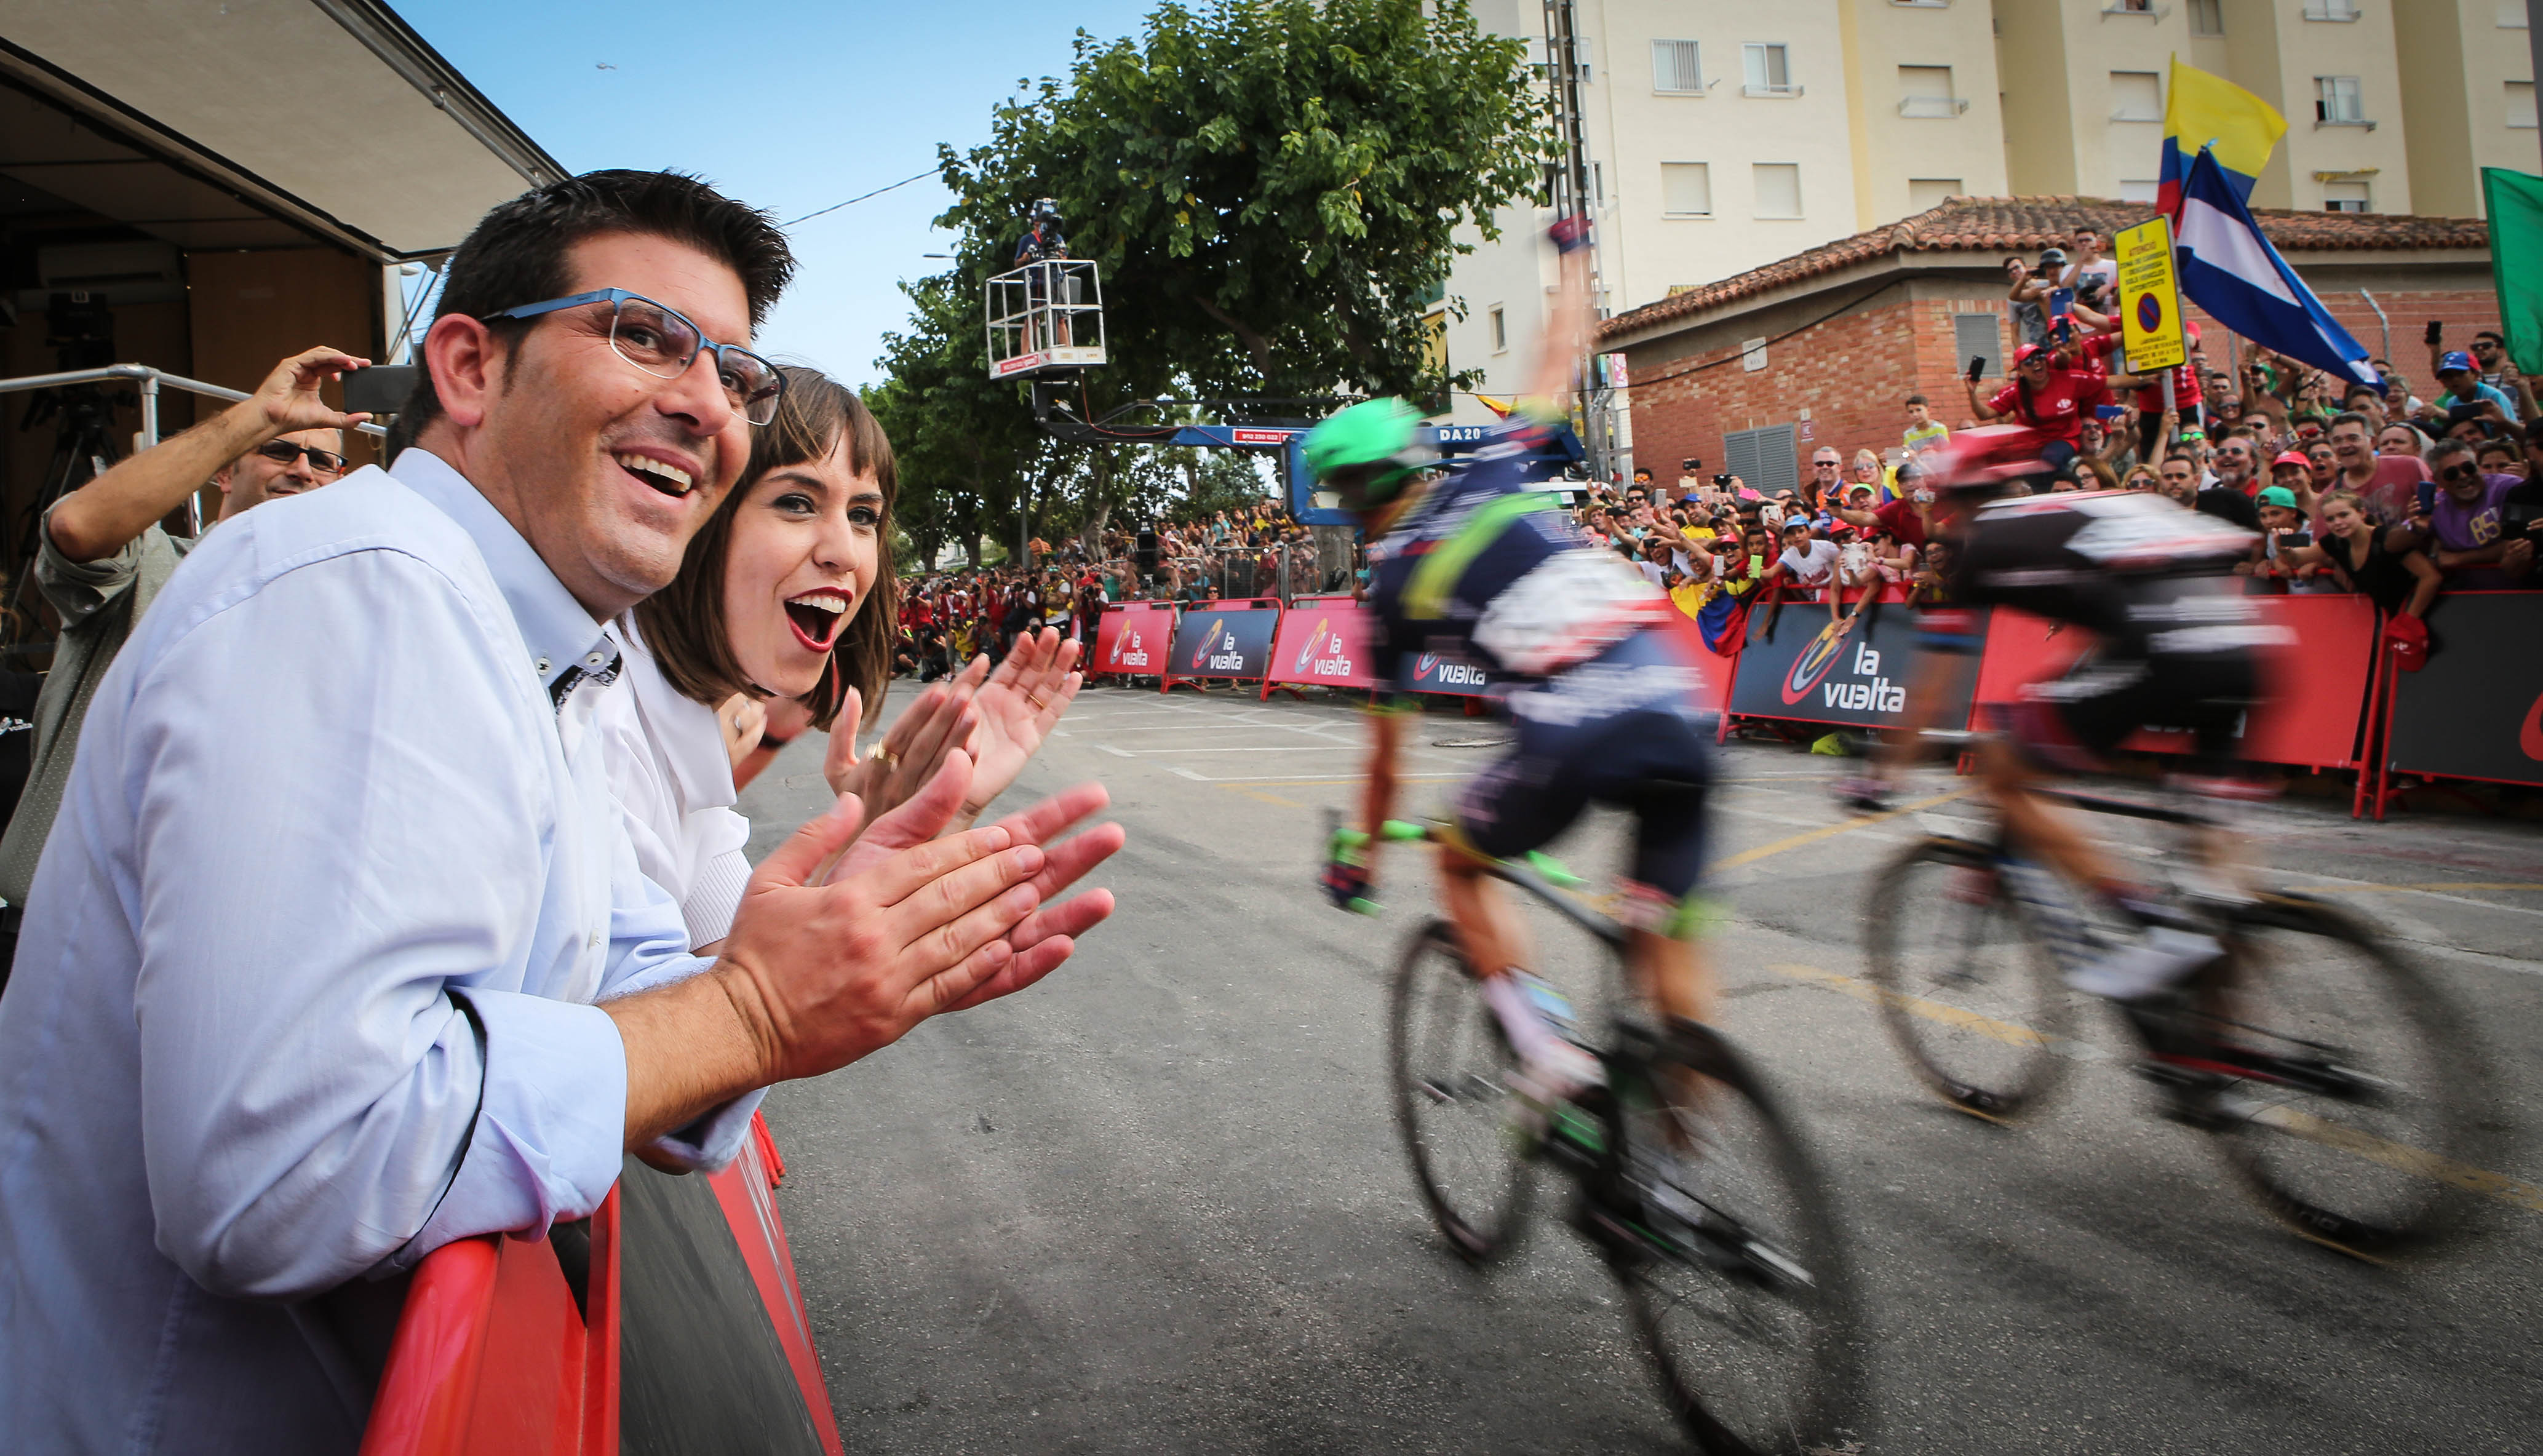 Jorge Rodríguez en la llegada de Gandía de la pasada edición de la Vuelta Ciclista a España.